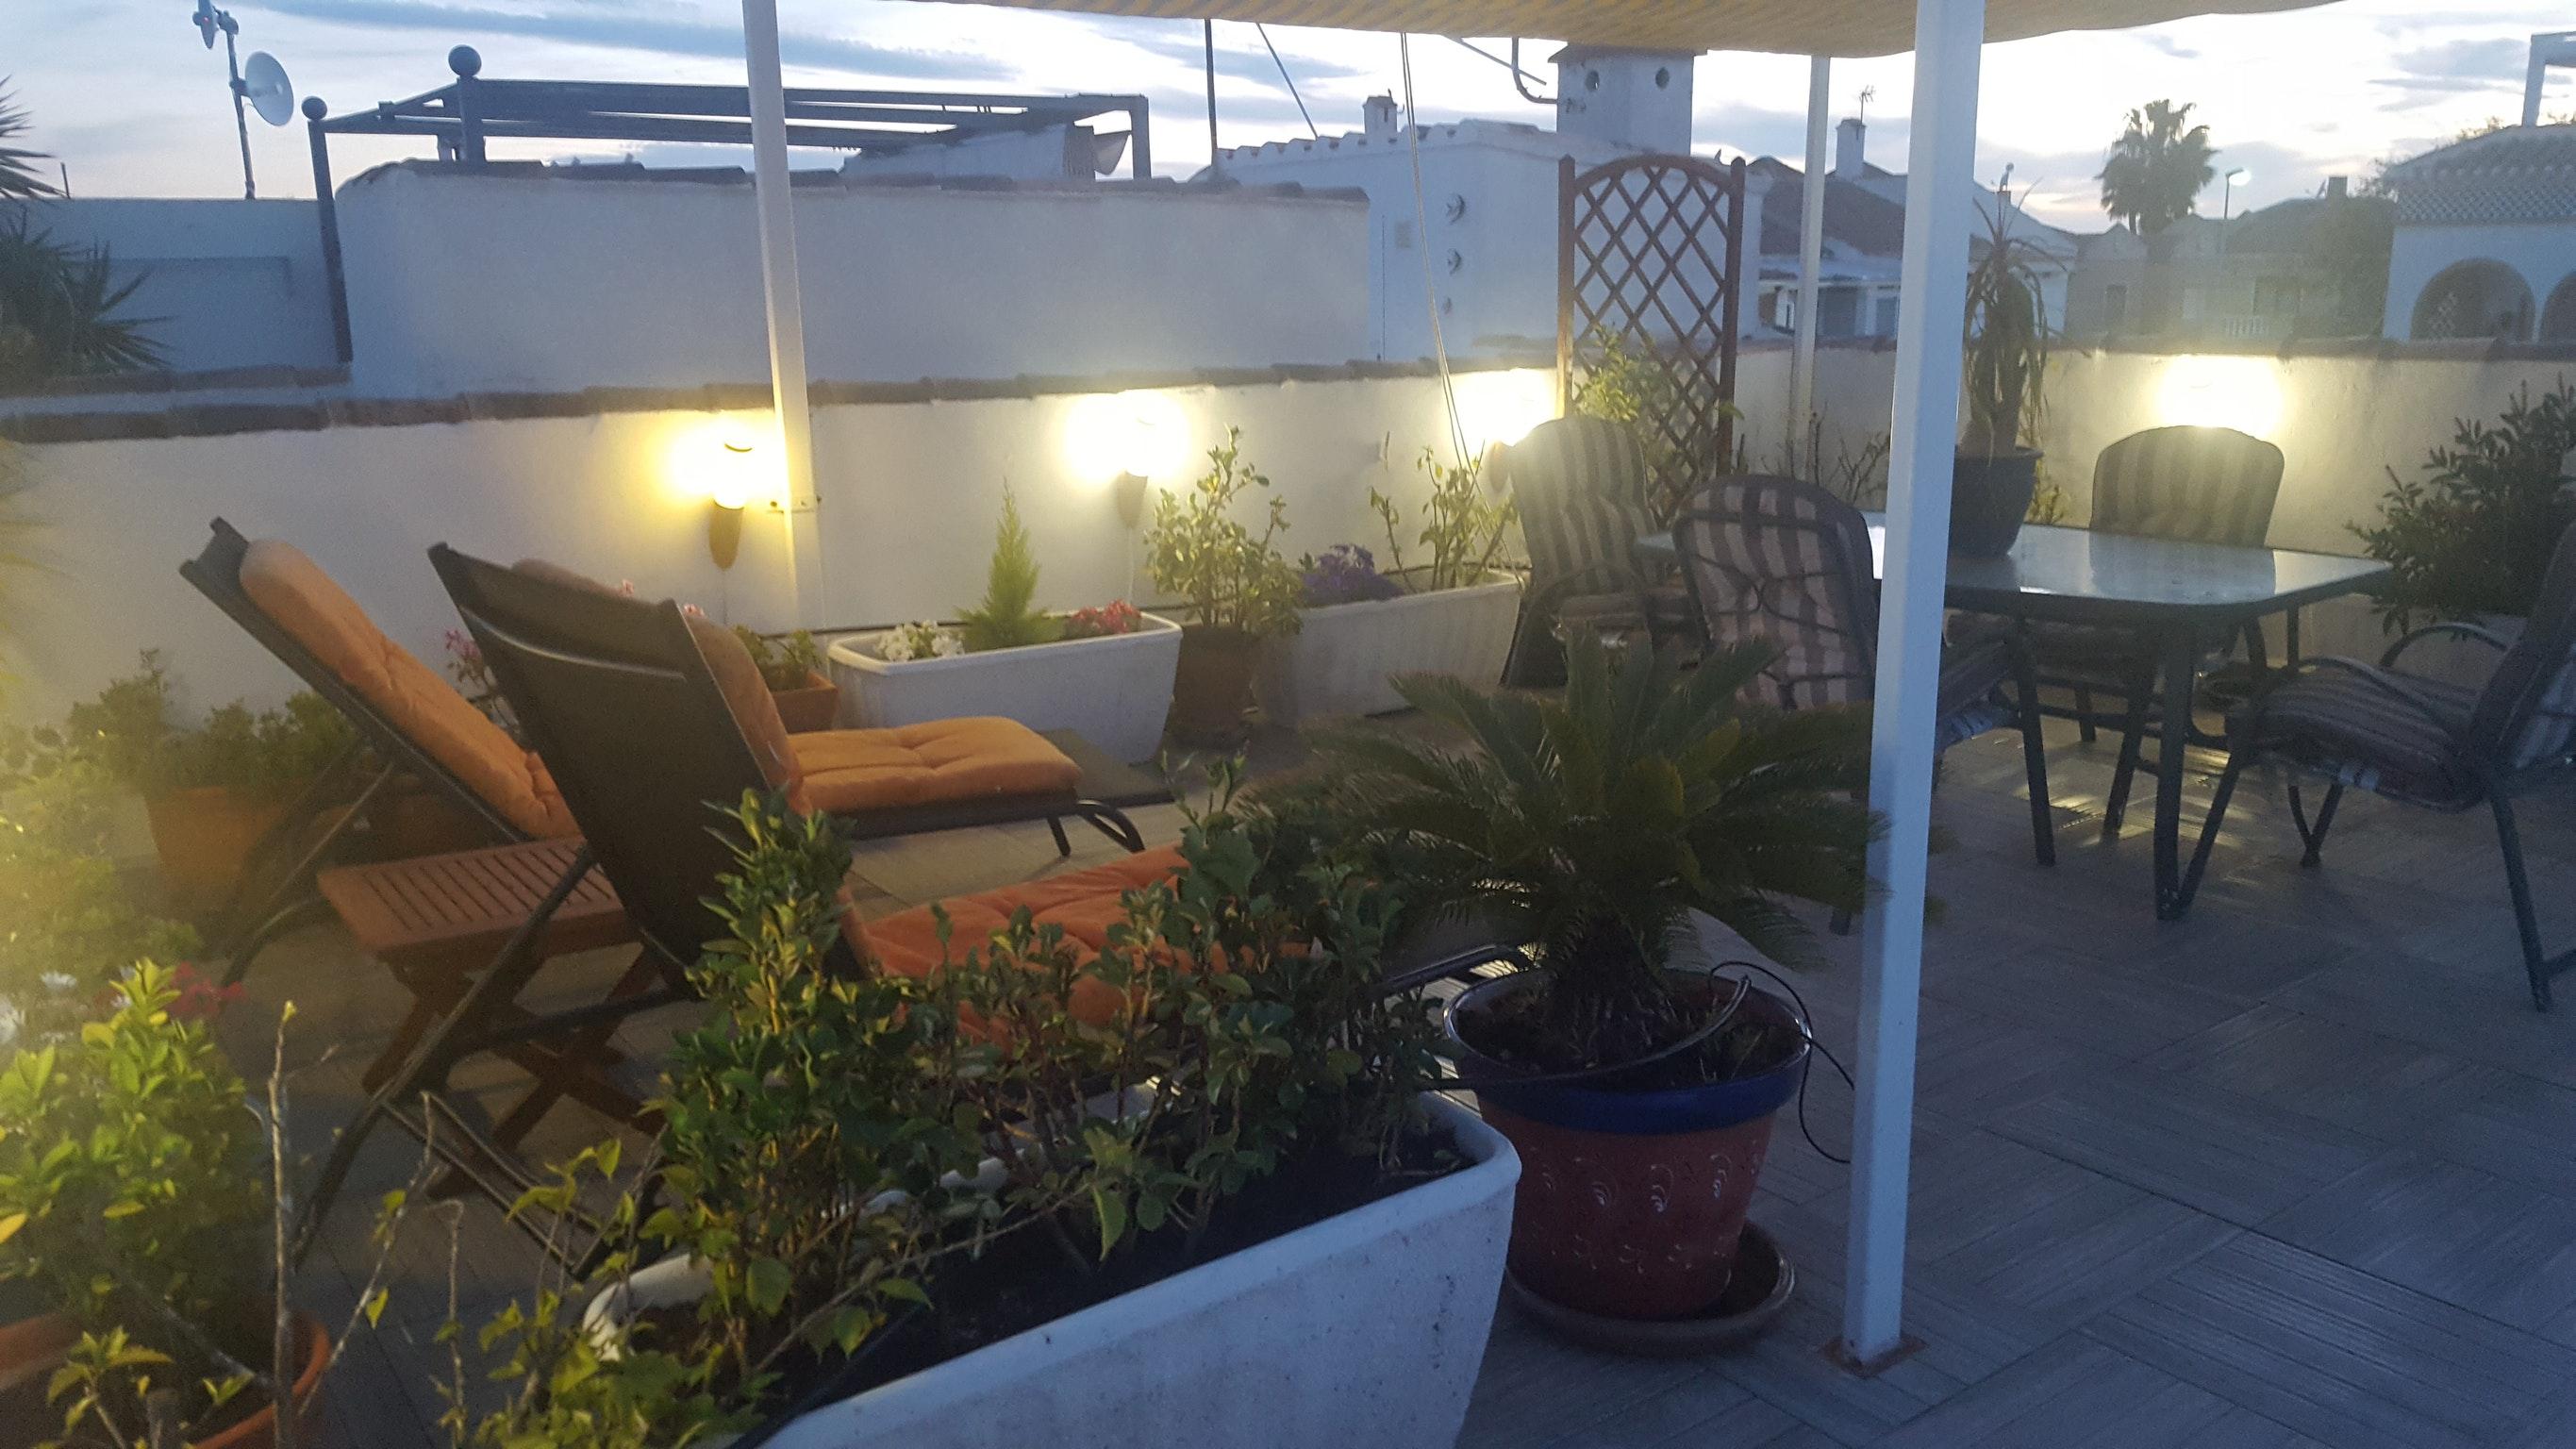 Ferienhaus Sonniges Haus mit 2 Schlafzimmern, WLAN, Swimmingpool und Solarium nahe Torrevieja - 1km z (2202043), Torrevieja, Costa Blanca, Valencia, Spanien, Bild 22